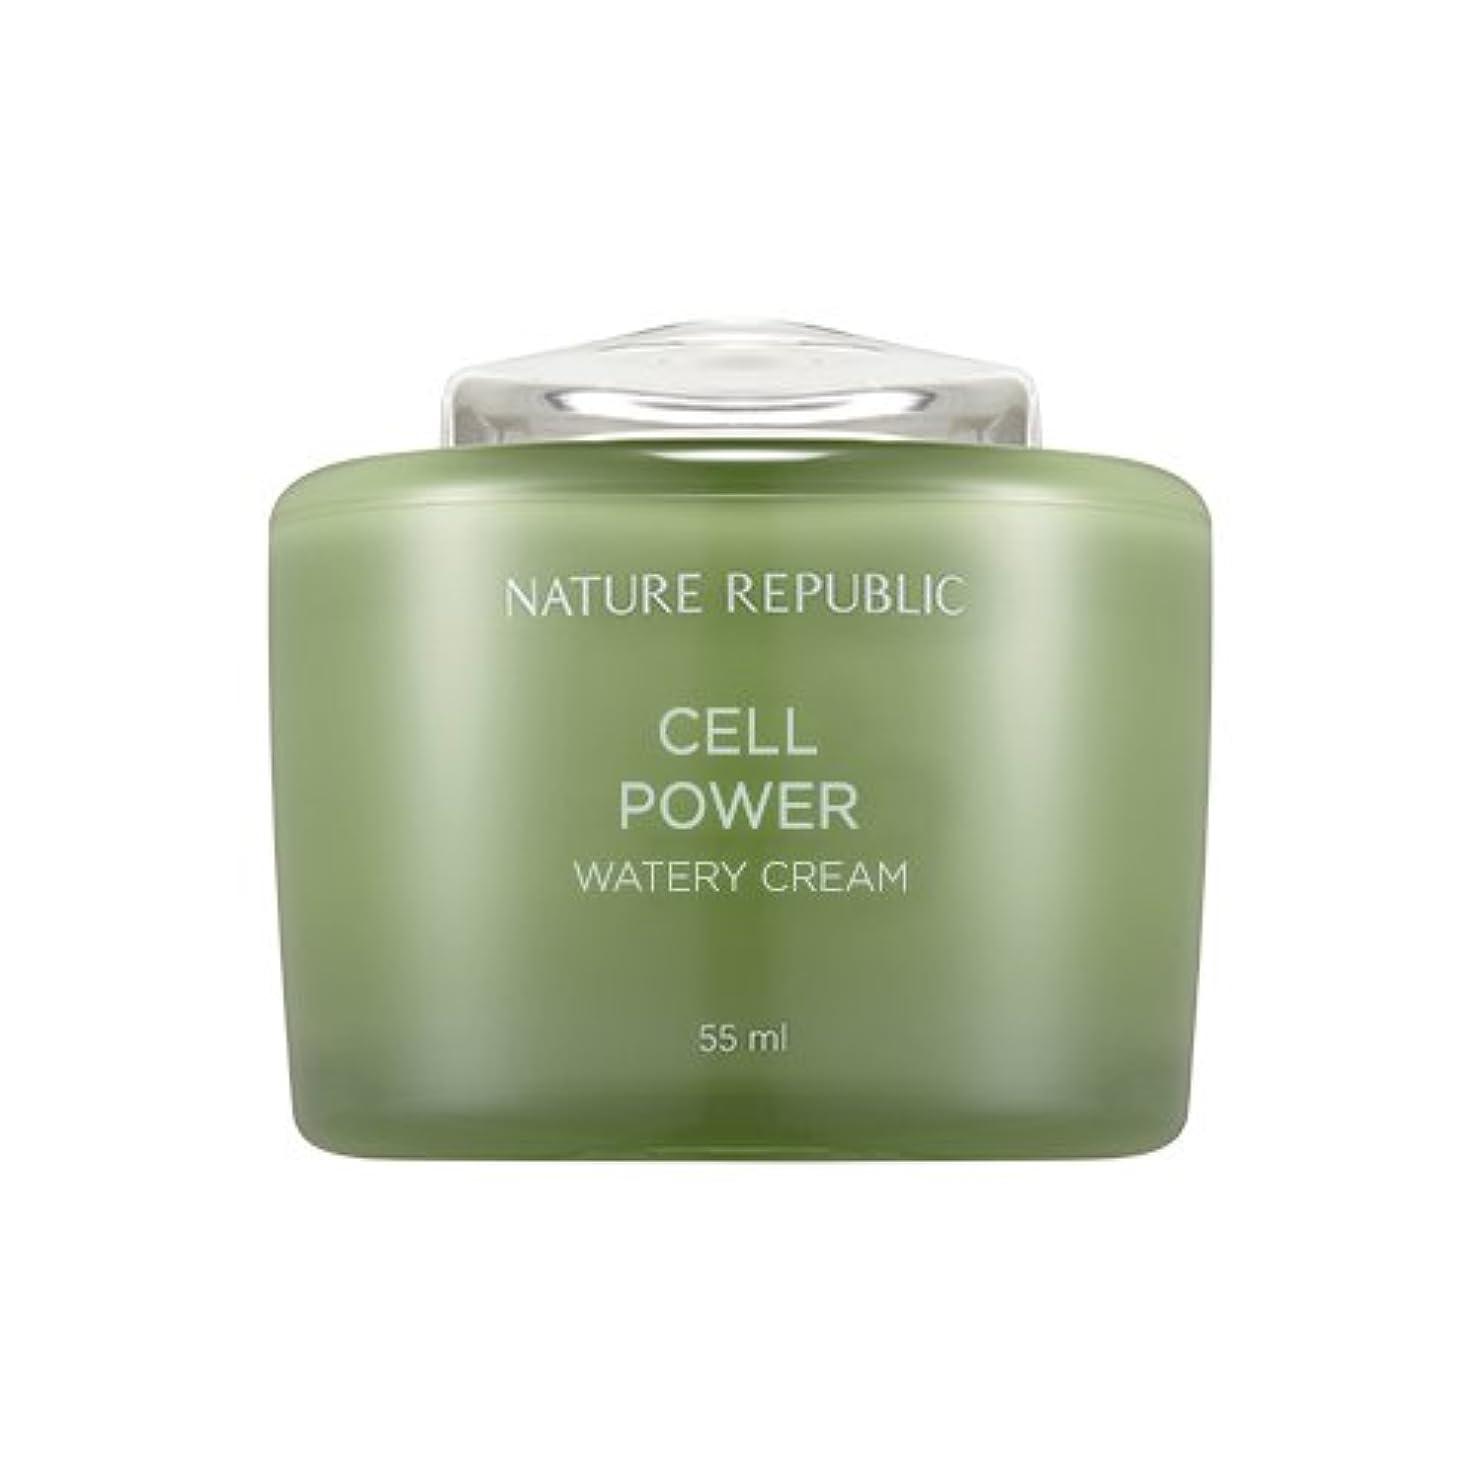 無声で転倒ポルトガル語Nature Republic Cell Boosting Watery Cream 55ml / ネイチャーリパブリックセルブースティングウォーターリークリーム 55ml [並行輸入品]